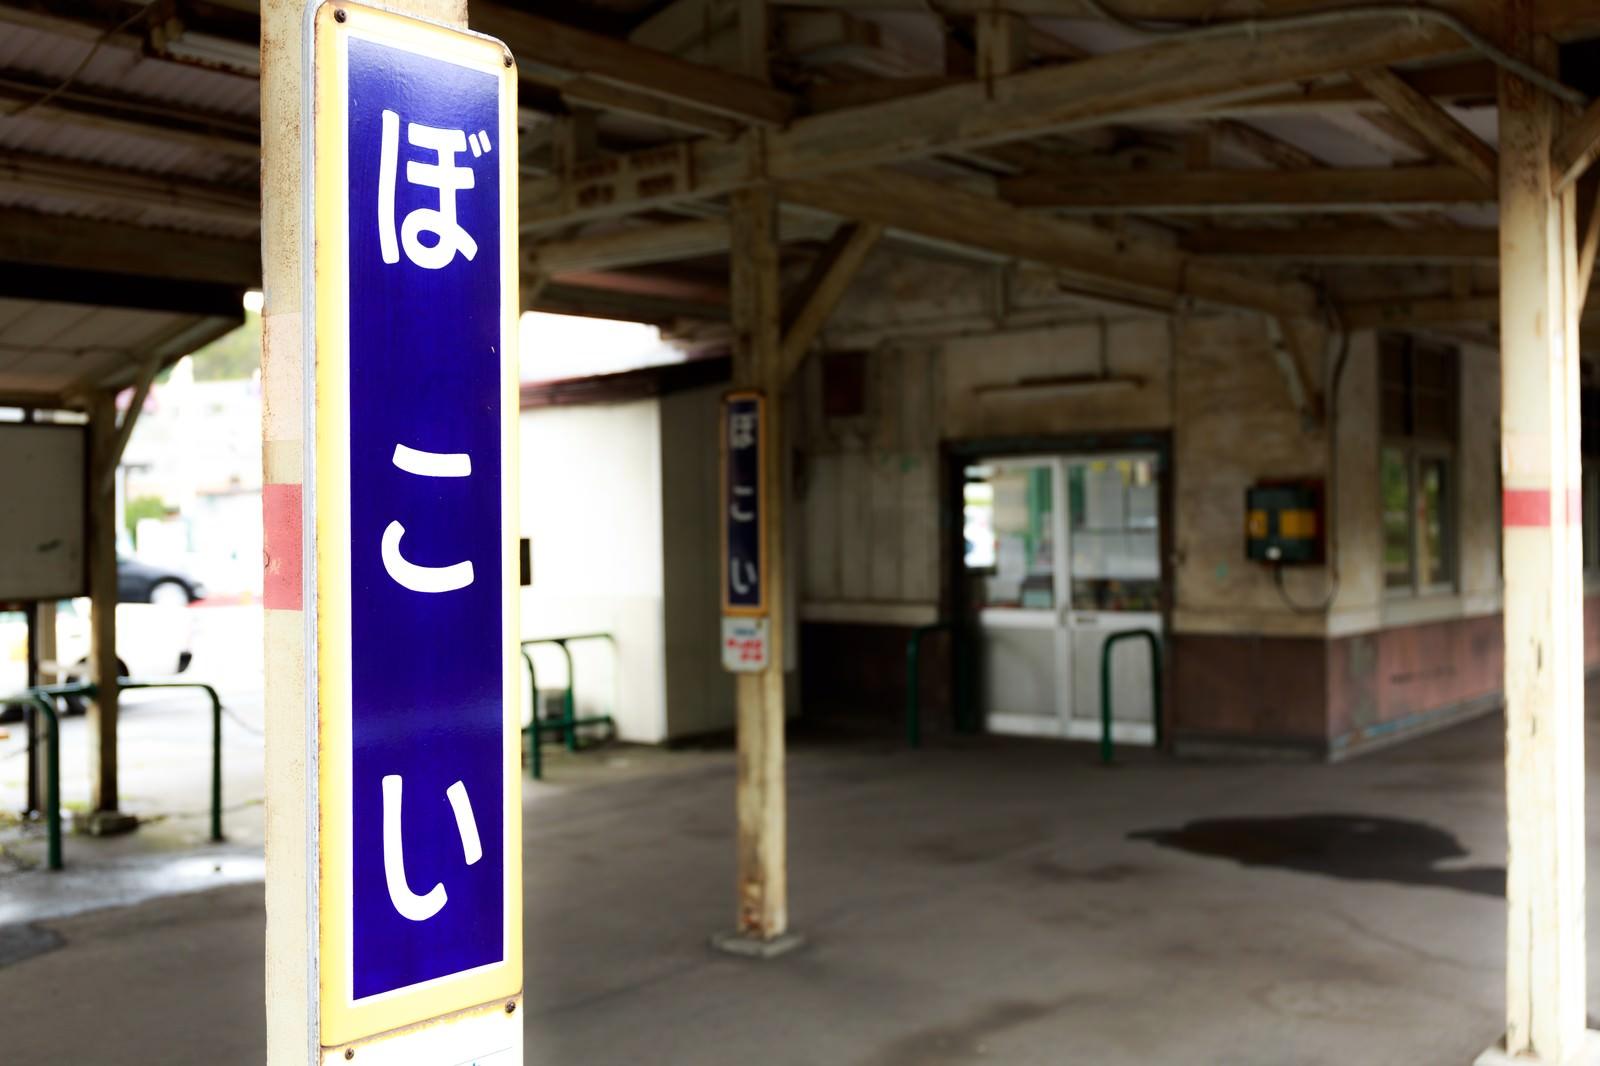 「母恋駅プラットホーム母恋駅プラットホーム」のフリー写真素材を拡大